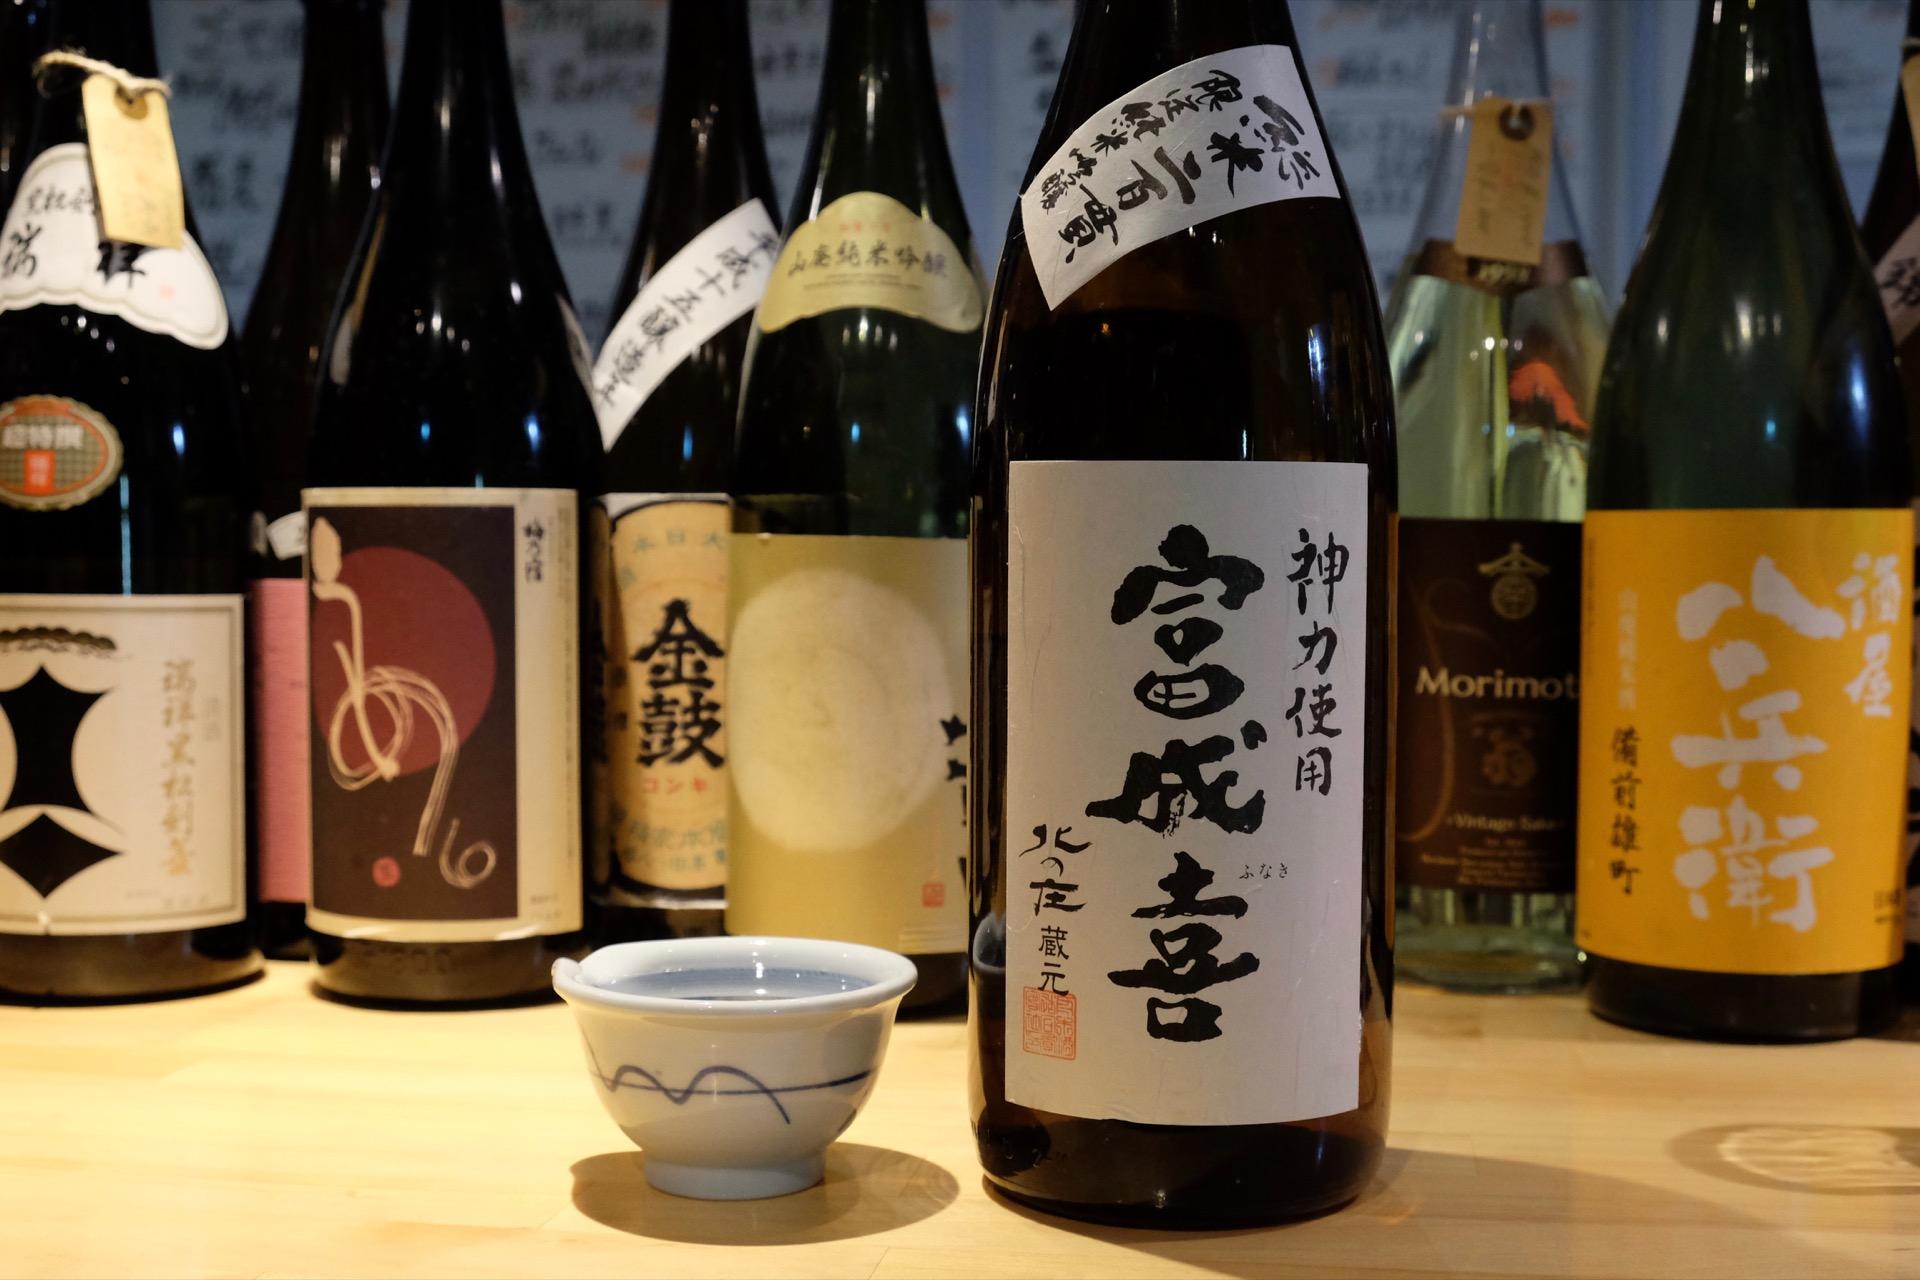 富成喜(ふなき)純米吟醸「限定二百貫」|日本酒テイスティングノート